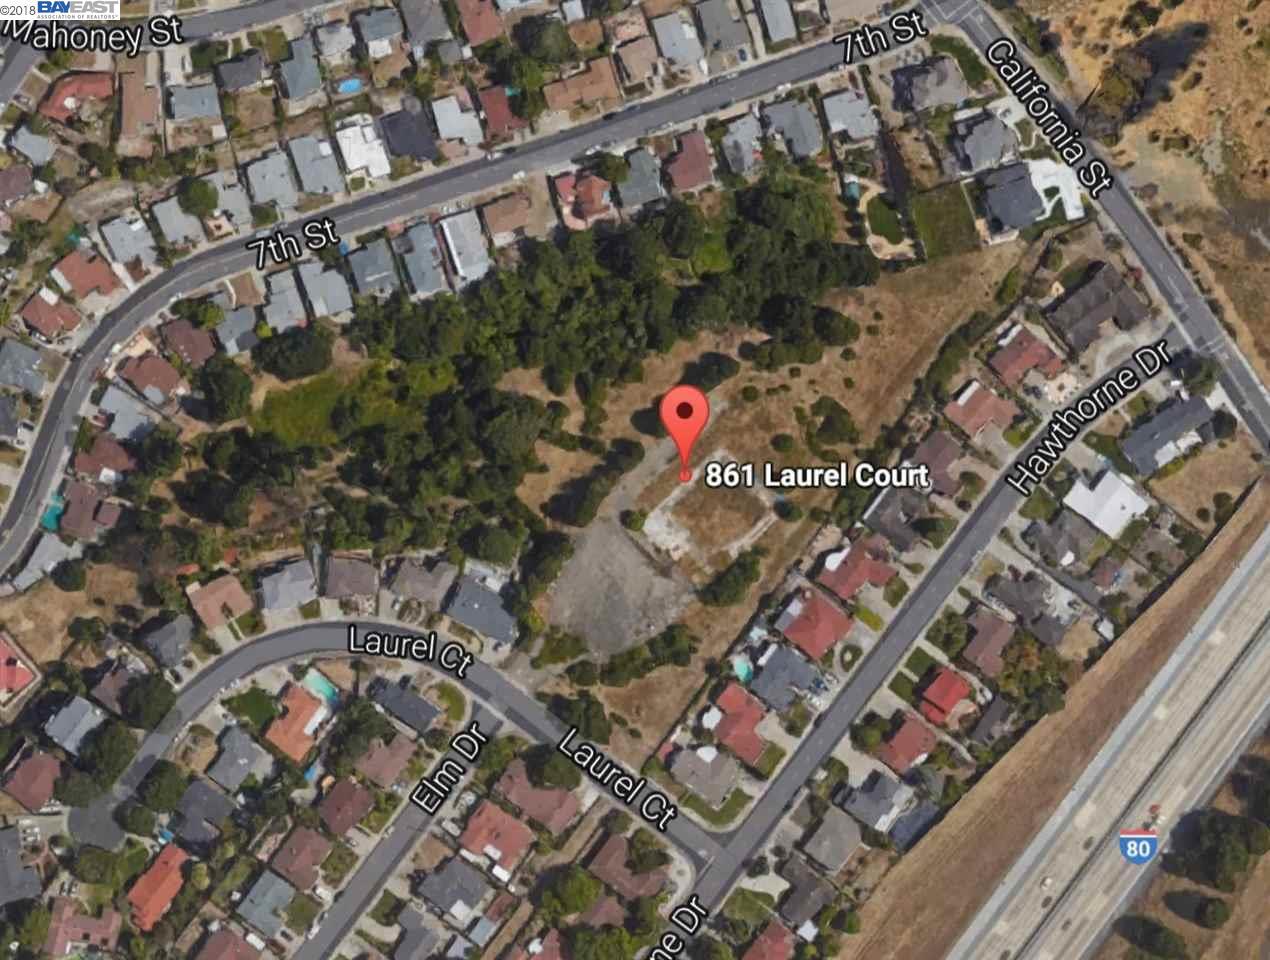 861 Laurel Court Rodeo, CA 94572